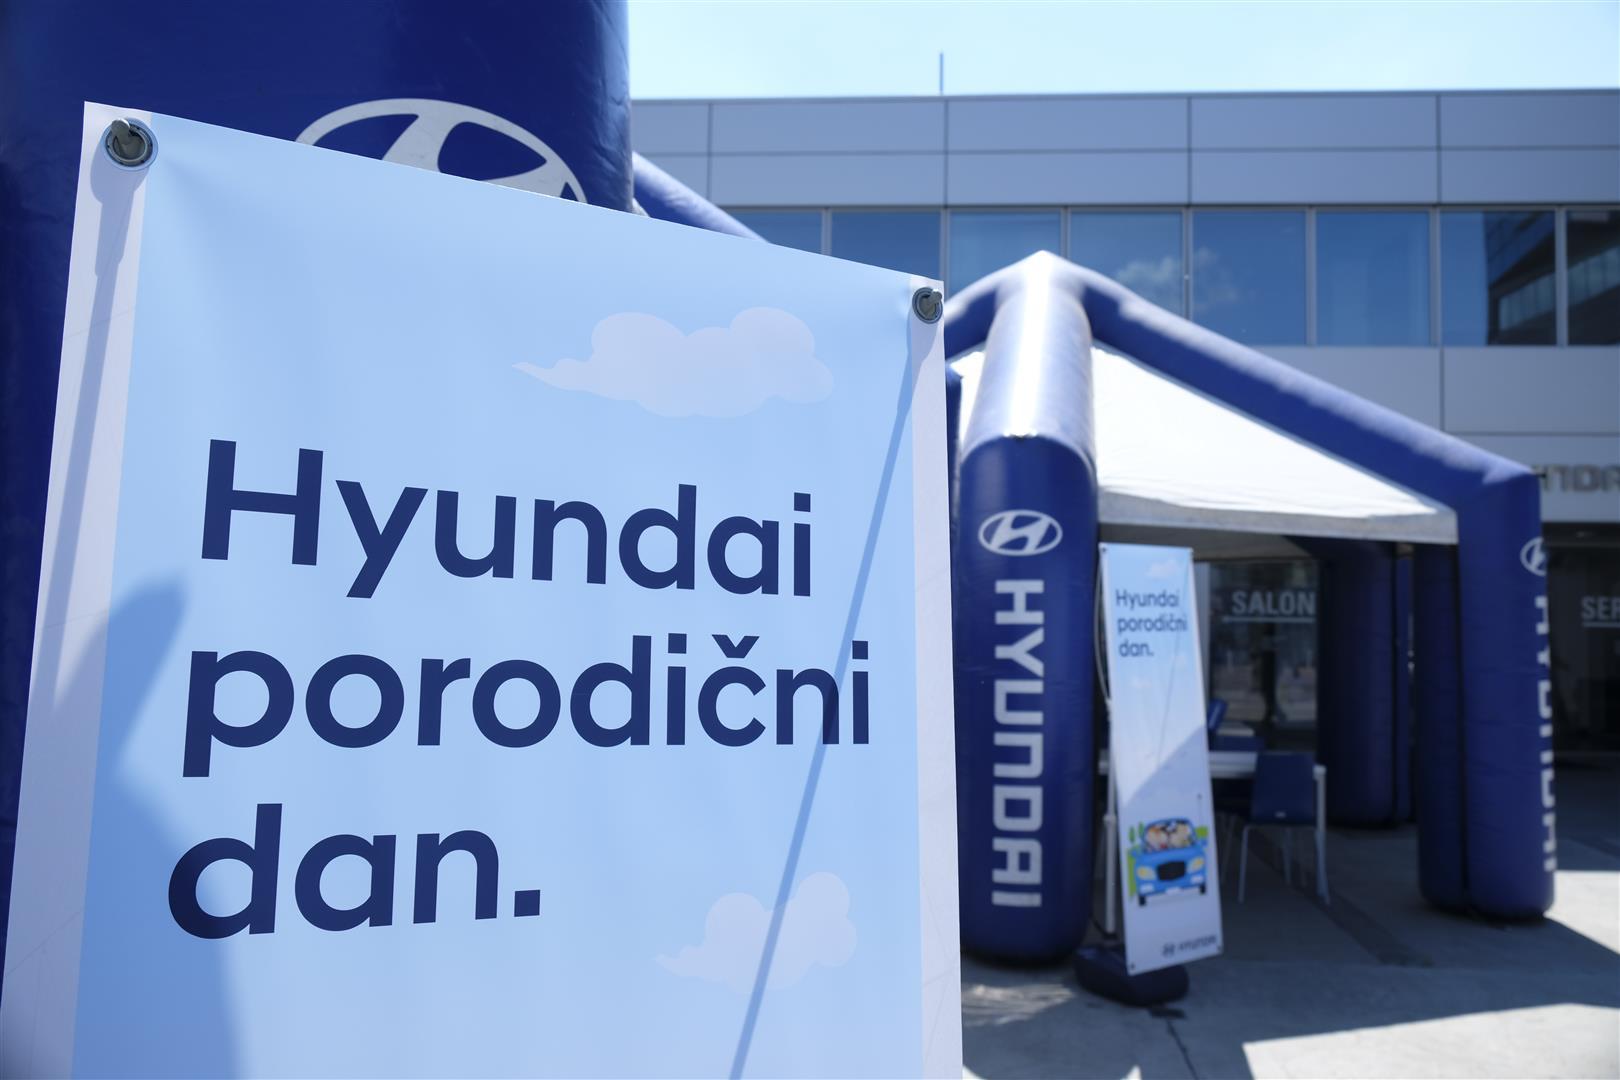 Hyundai porodični dan